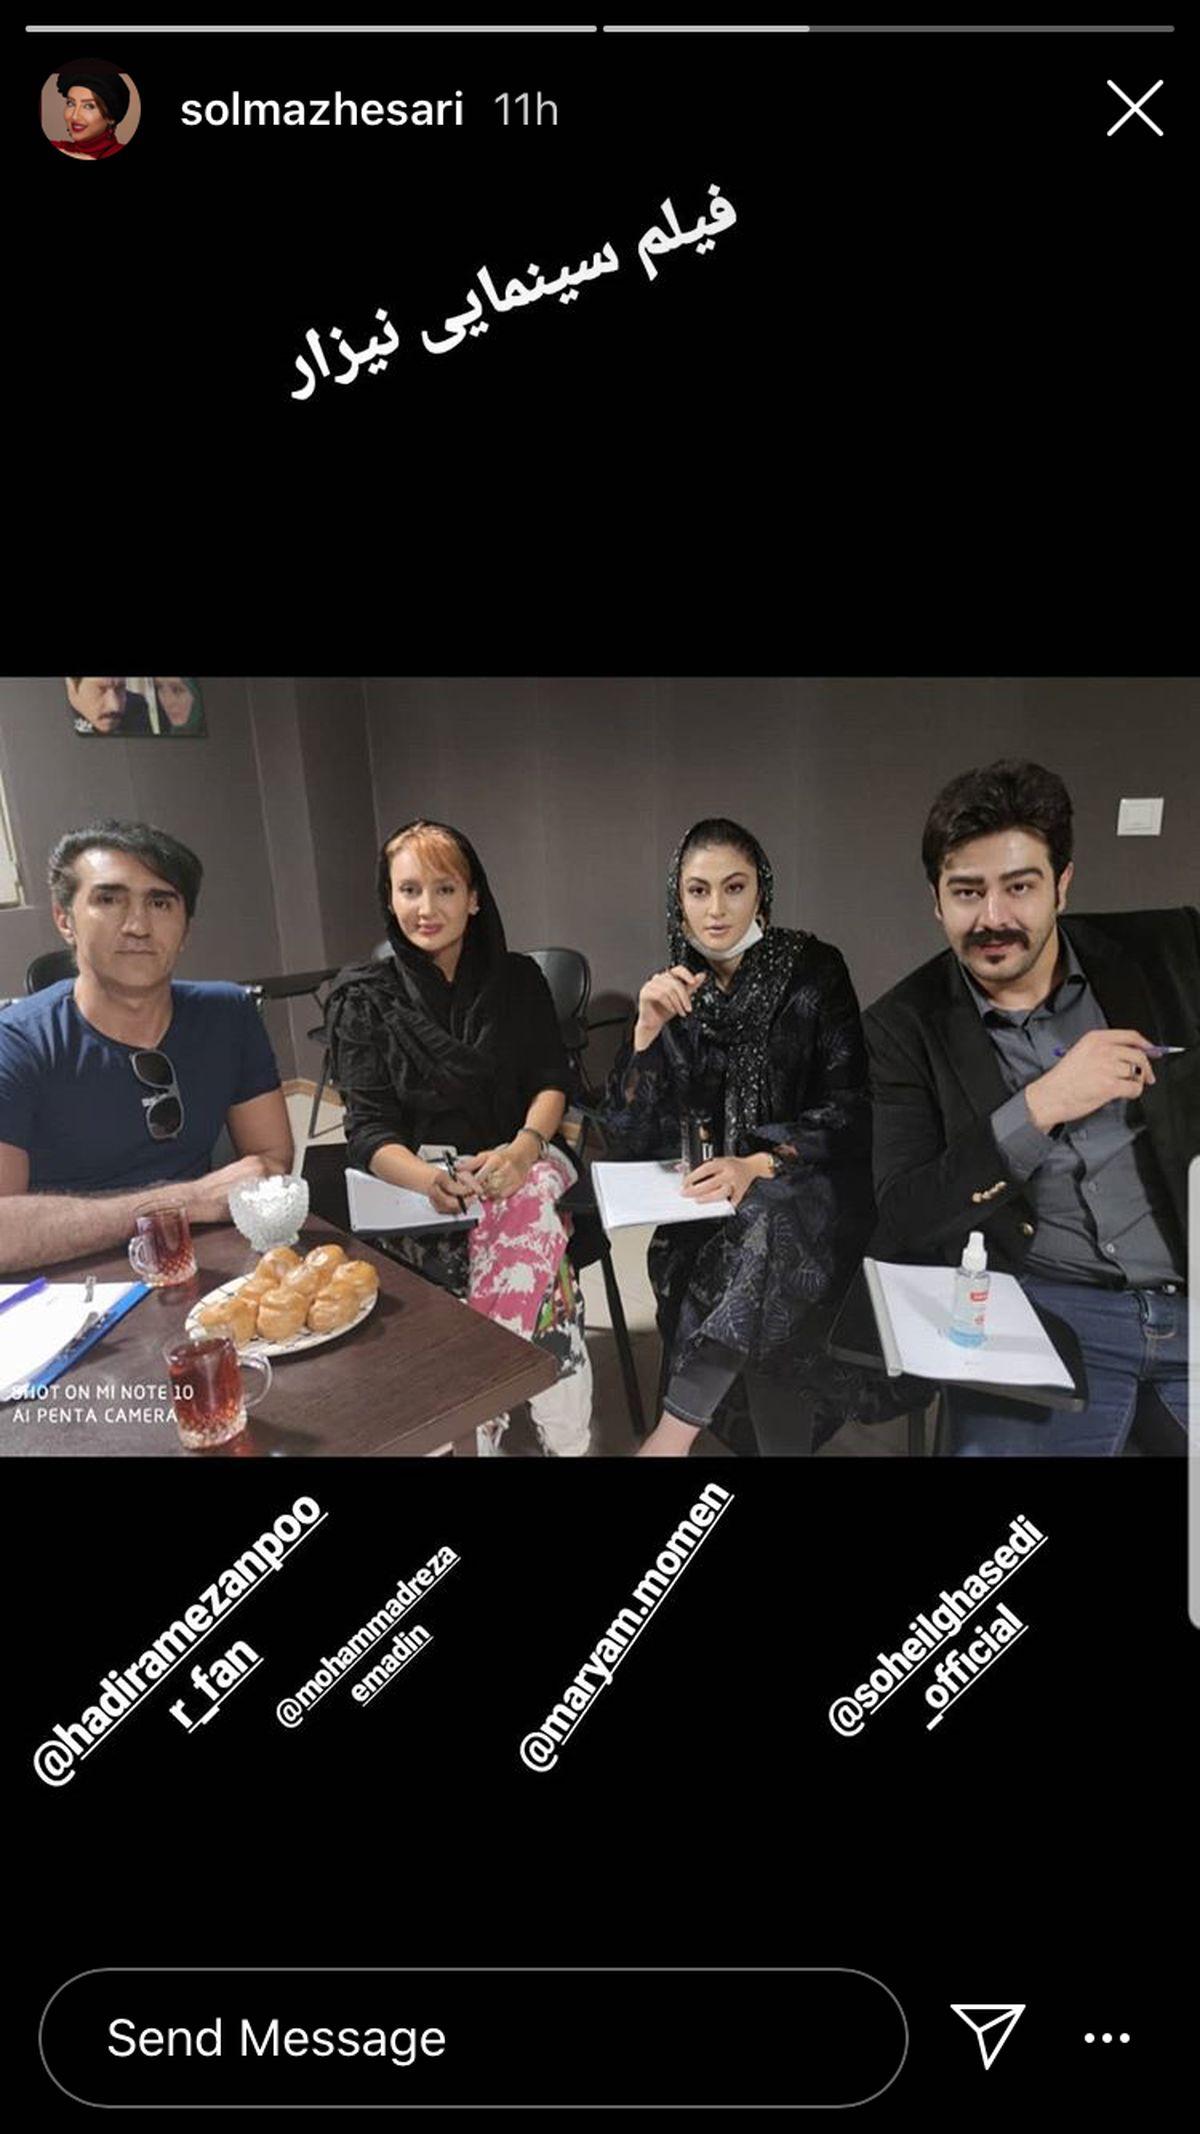 سولماز حصاری و همکاران جدیدش + عکس